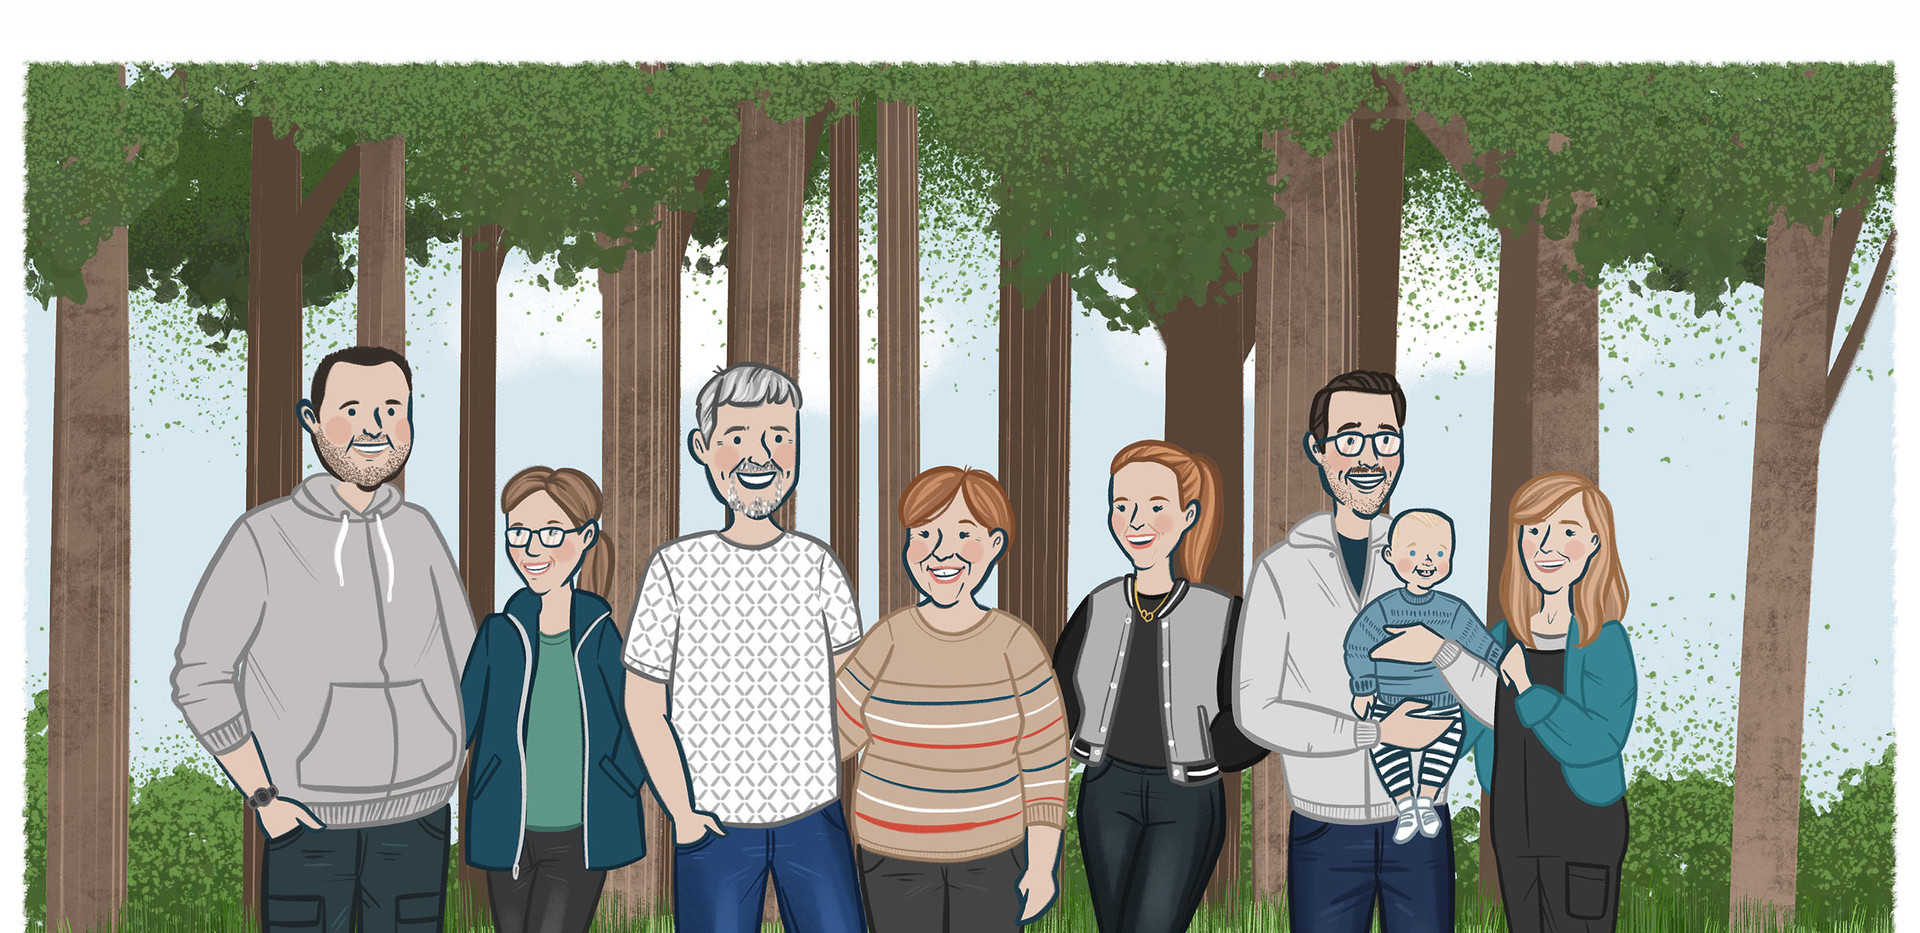 family portrait woods.jpg